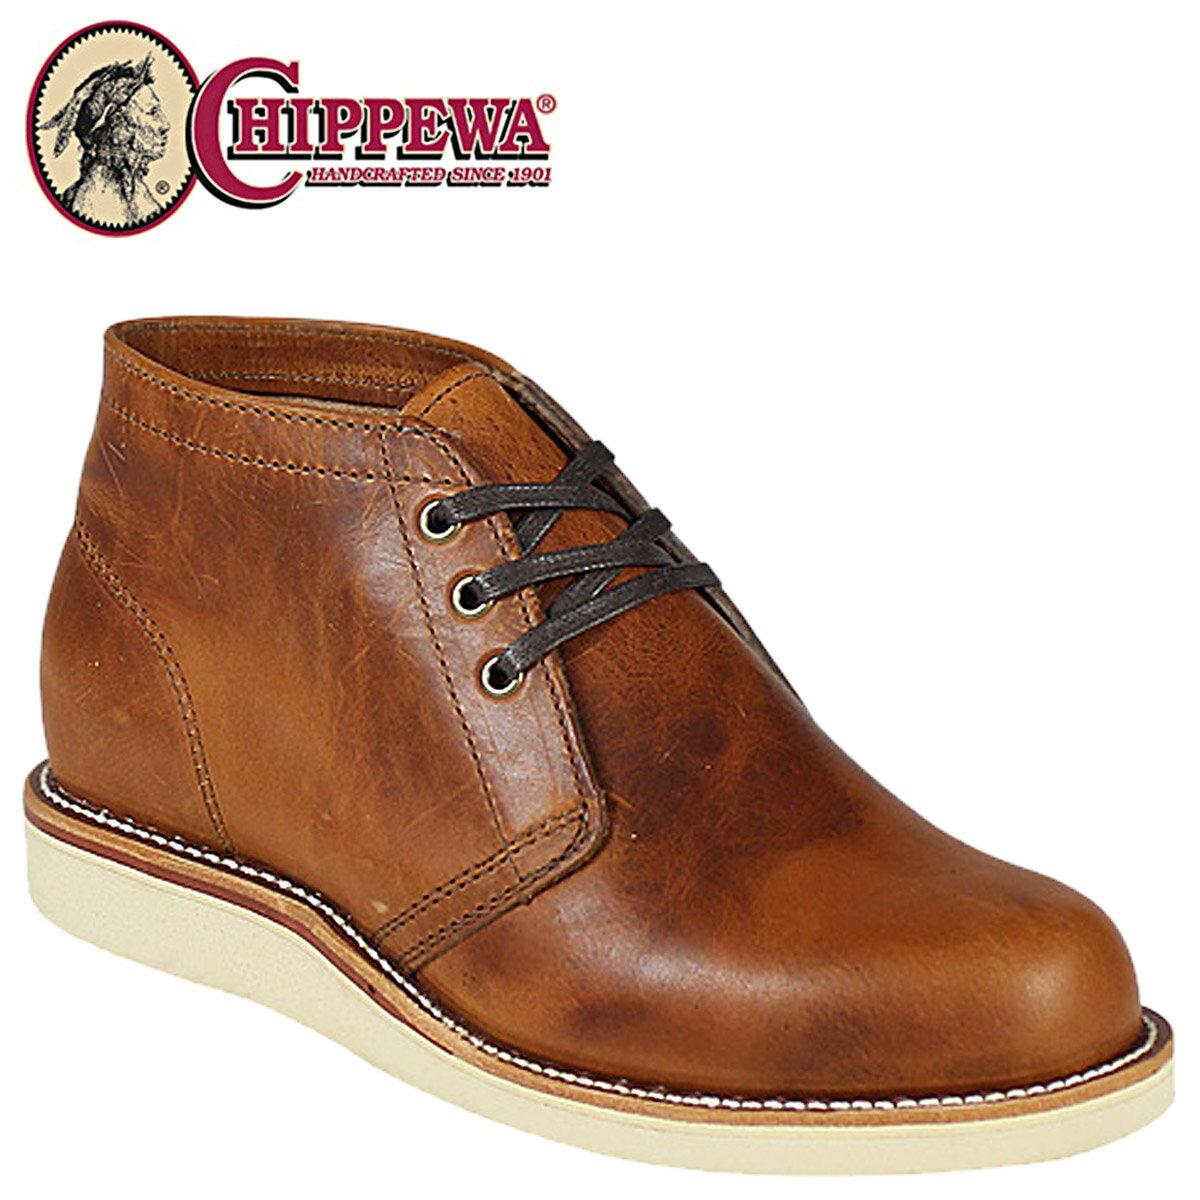 CHIPPEWA チペワ 5インチ プレーン トゥ チャッカ ブーツ 5INCH PLAIN TOE CHUKKA BOOT Eワイズ レザー 4025 タン メンズ [S10][返品不可]